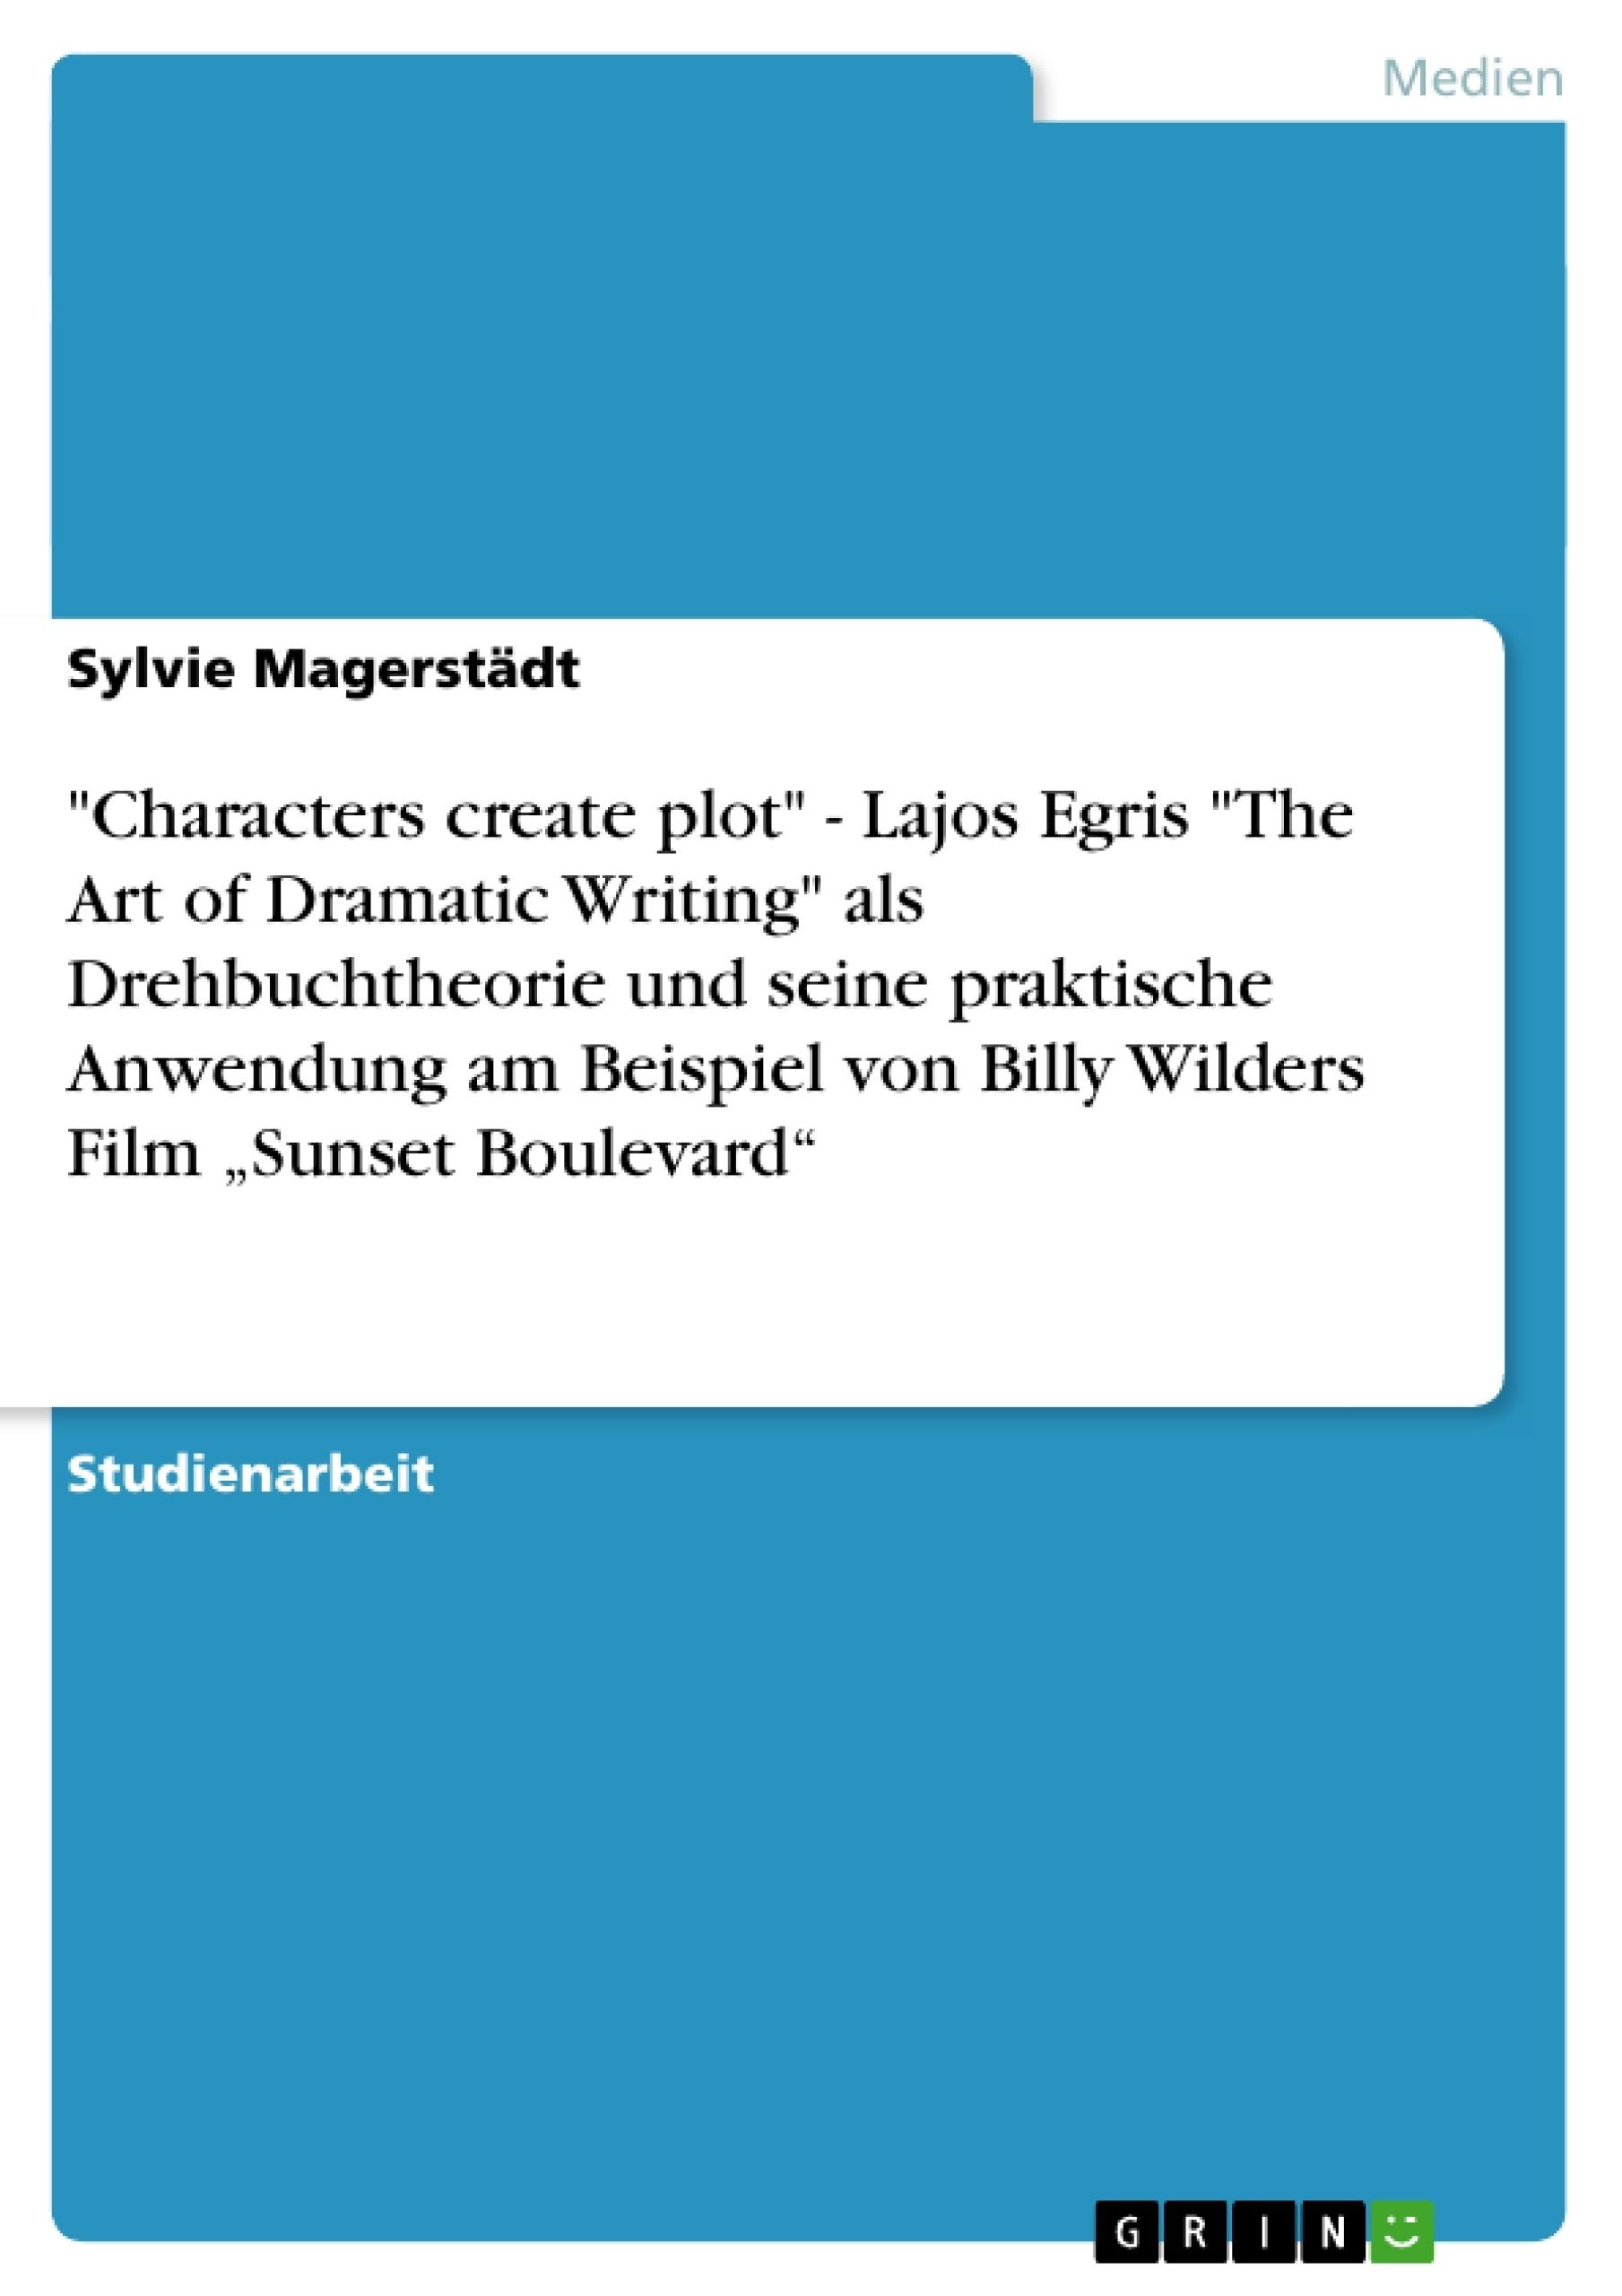 """Titel: """"Characters create plot"""" - Lajos Egris """"The Art of Dramatic Writing"""" als Drehbuchtheorie und seine praktische Anwendung am Beispiel von Billy Wilders Film """"Sunset Boulevard"""""""